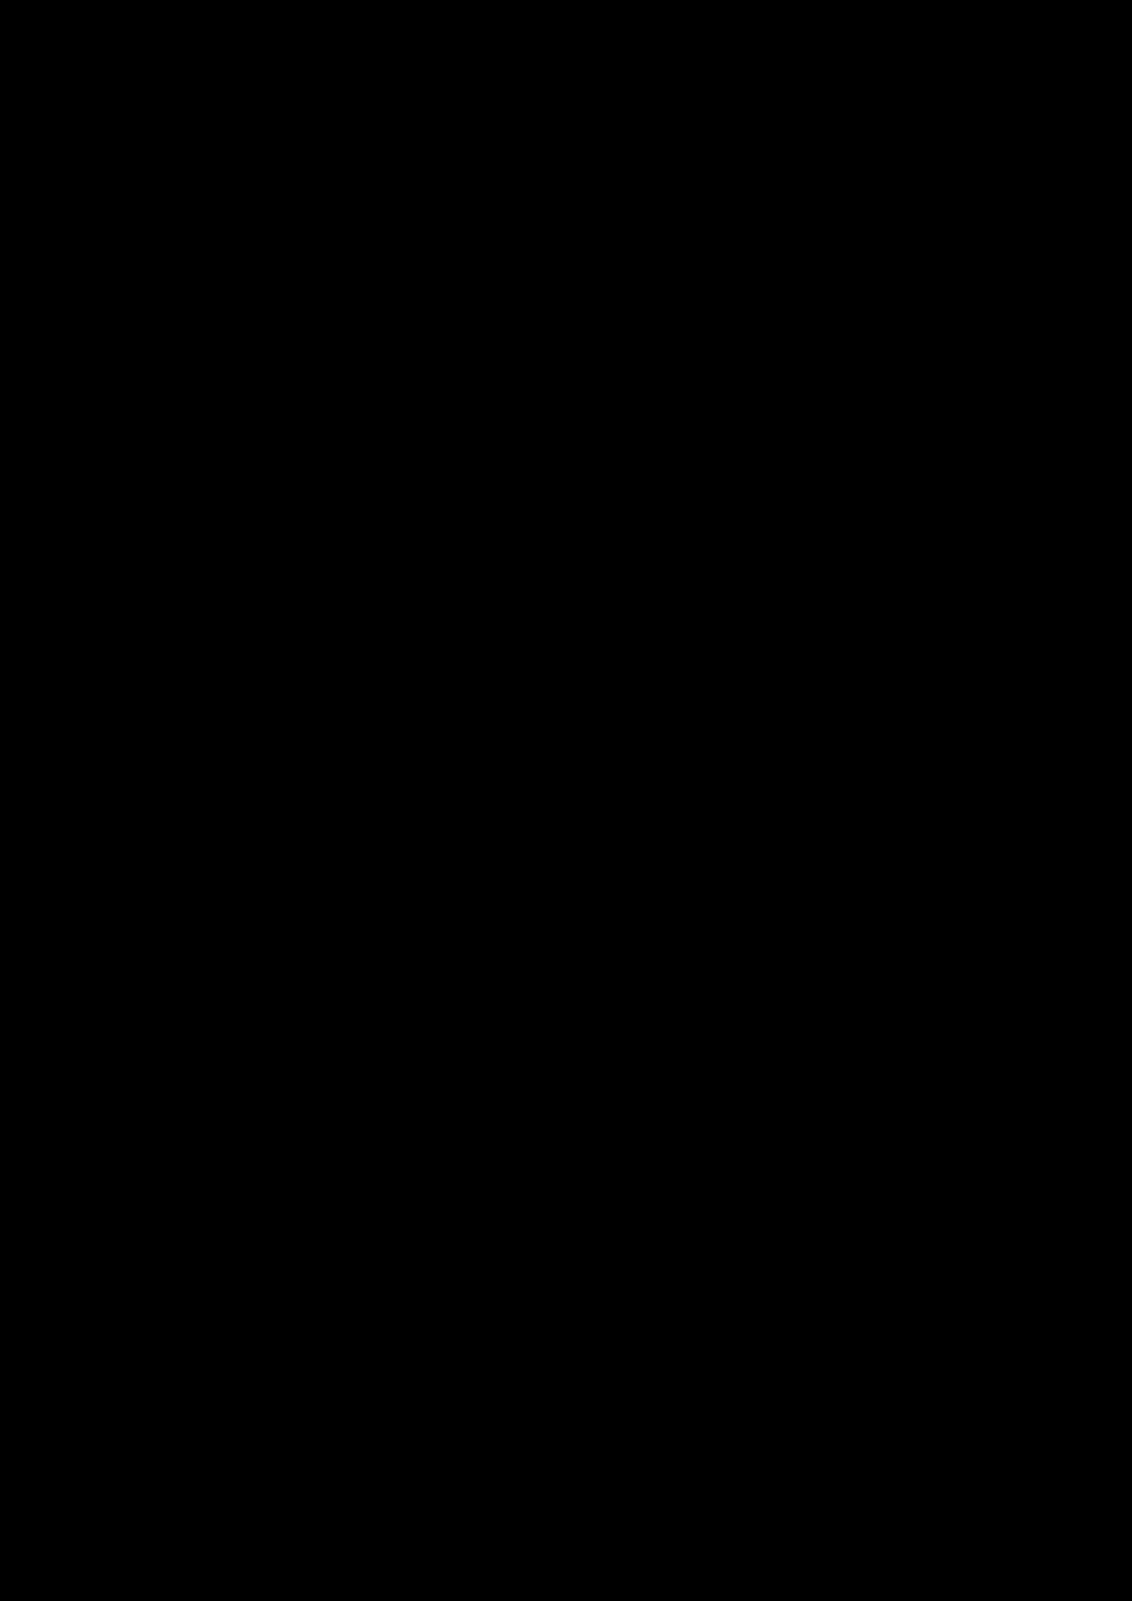 Prolog slide, Image 18